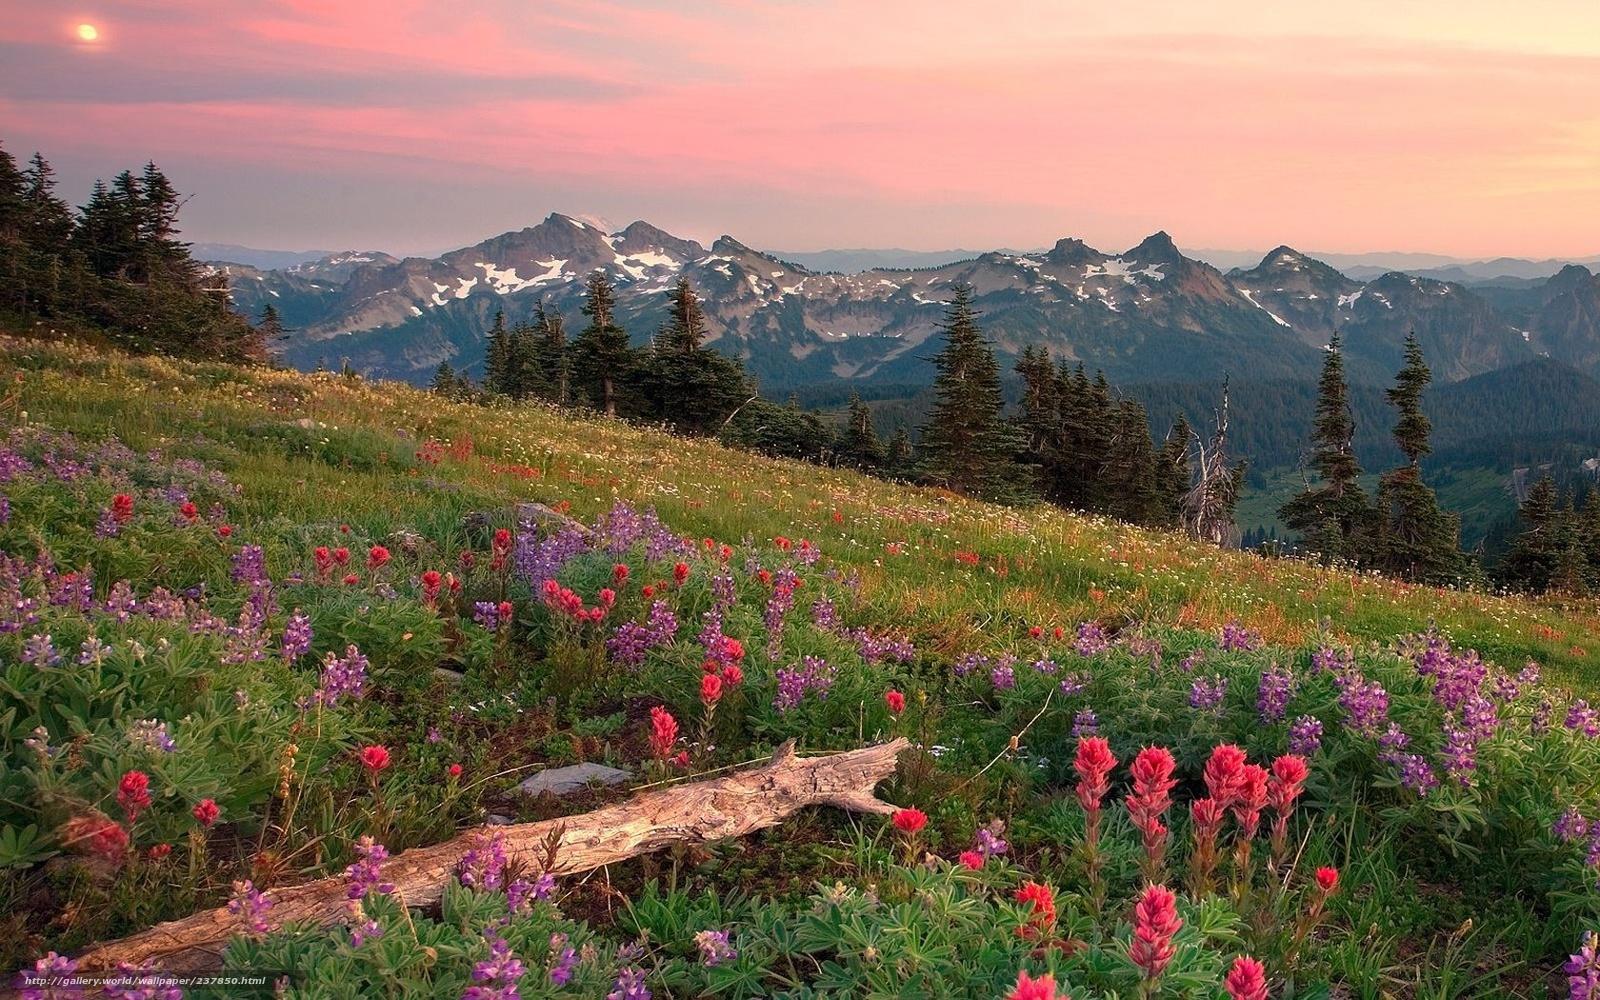 Tlcharger Fond d'ecran Montagnes,  coucher du soleil,  prairie,  Fleurs Fonds d'ecran gratuits pour votre rsolution du bureau 1680x1050 — image №237850